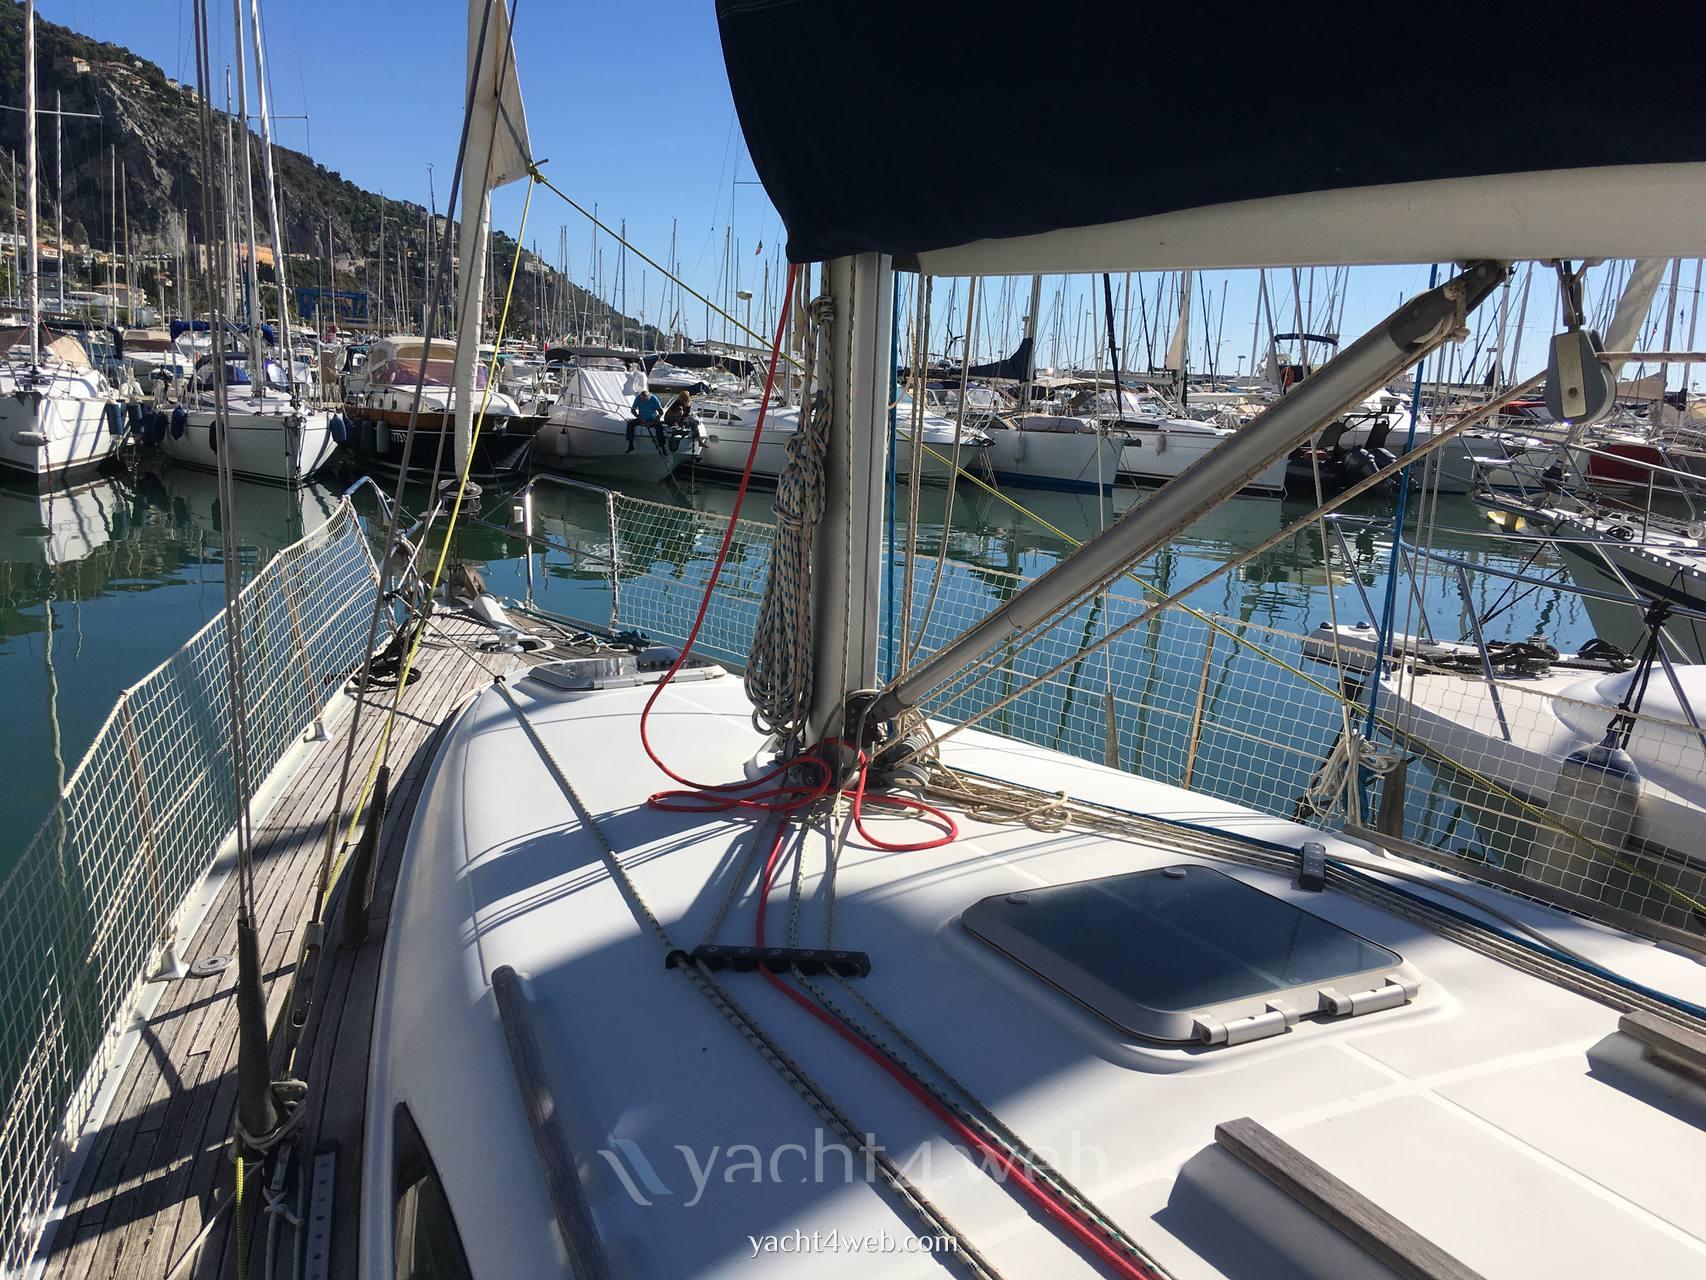 Jeanneau Sun odyssey 40 barco de vela